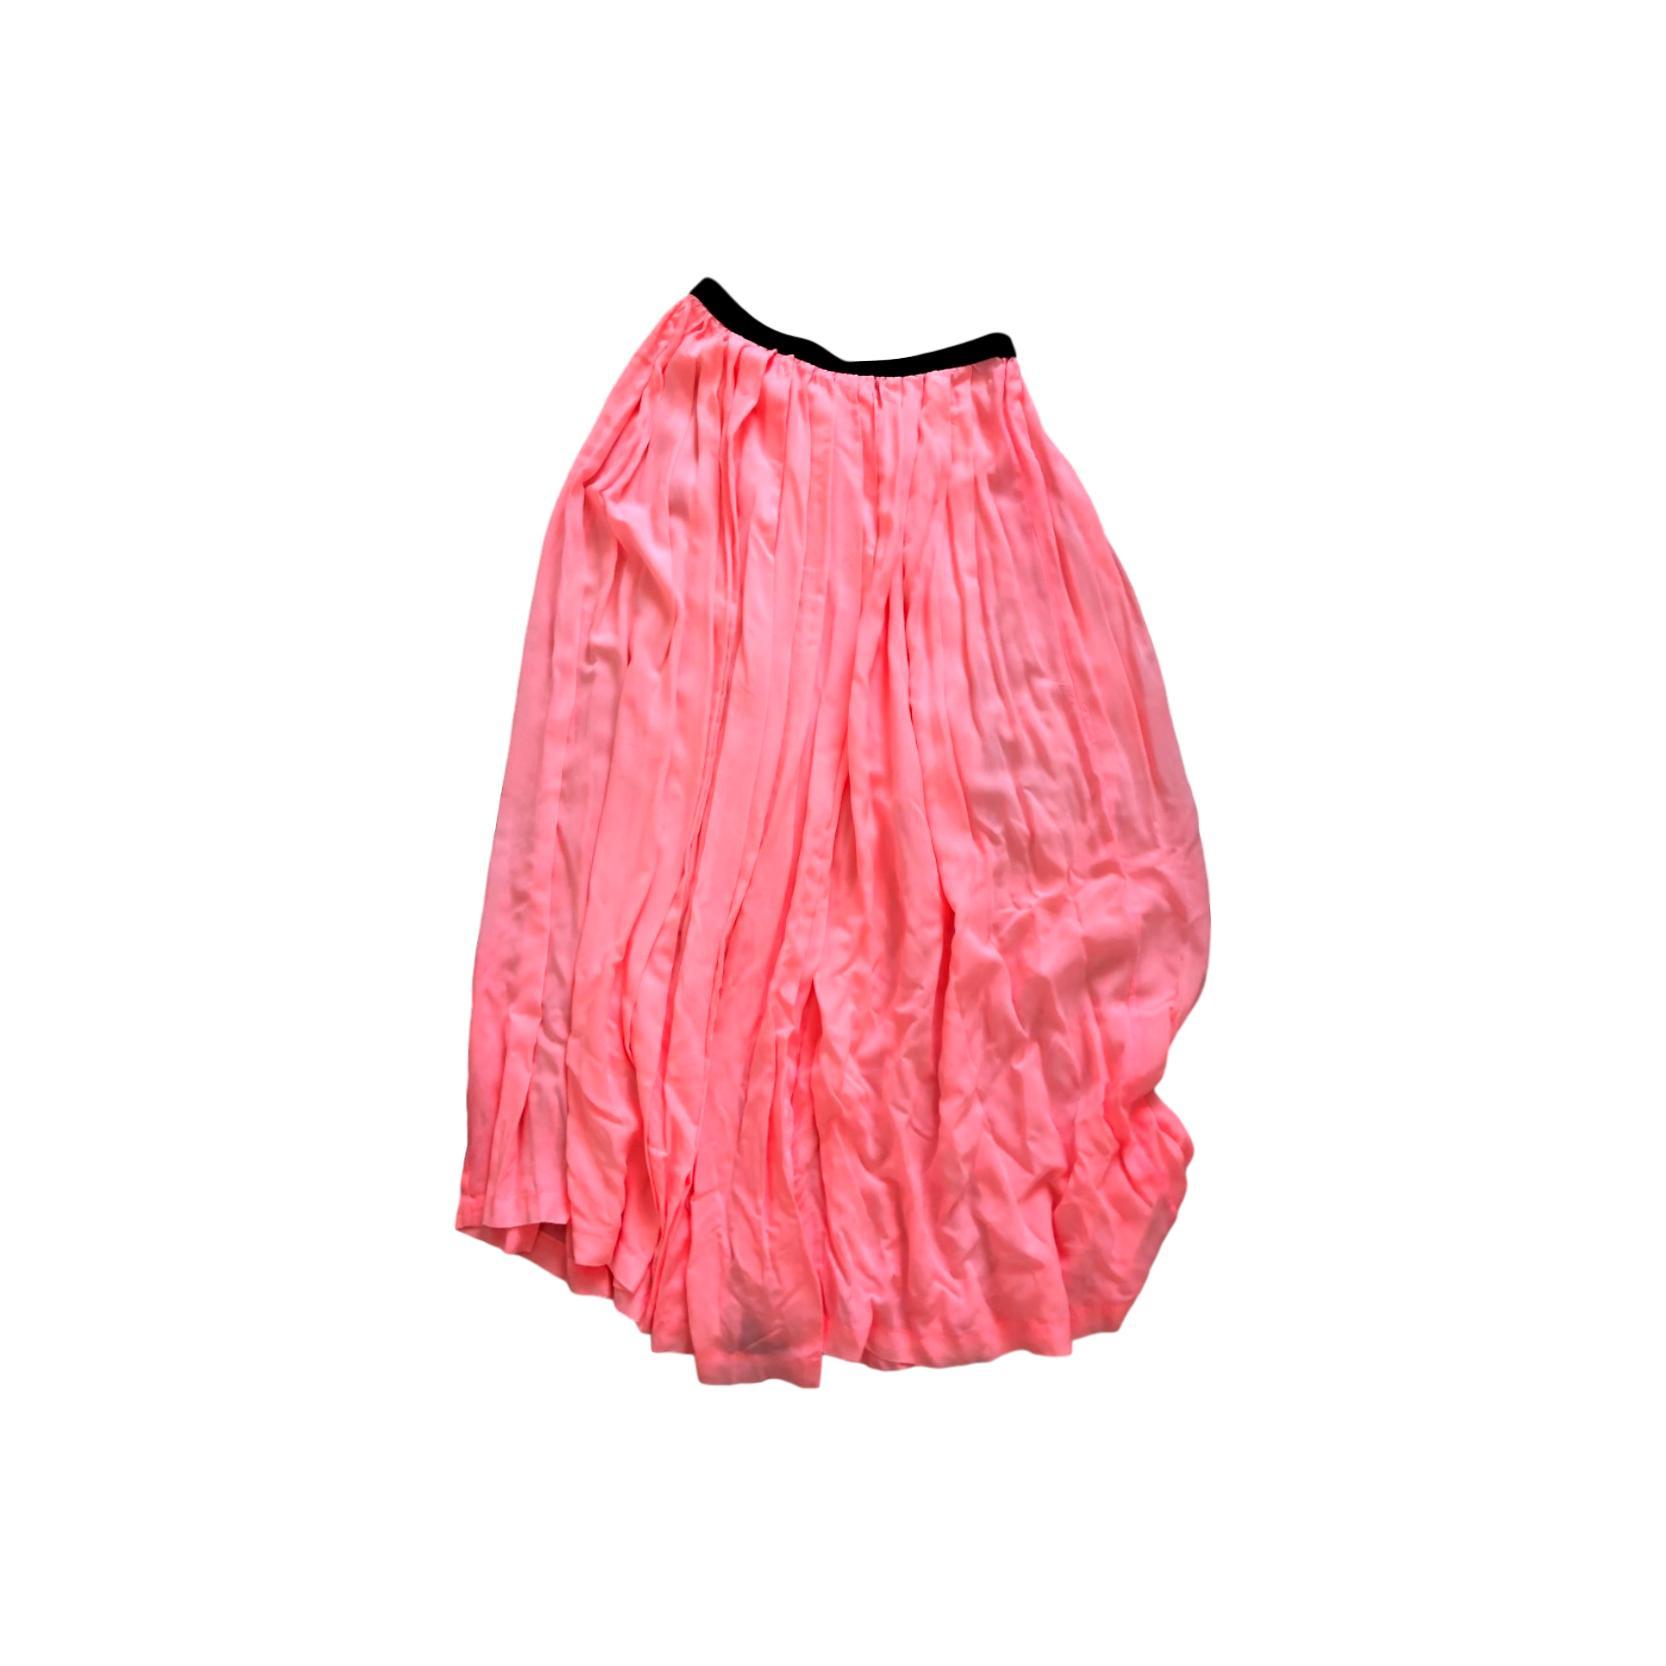 d156b20e86c Купить юбку Deha за 2200 руб. в интернет магазине - бутике с ...